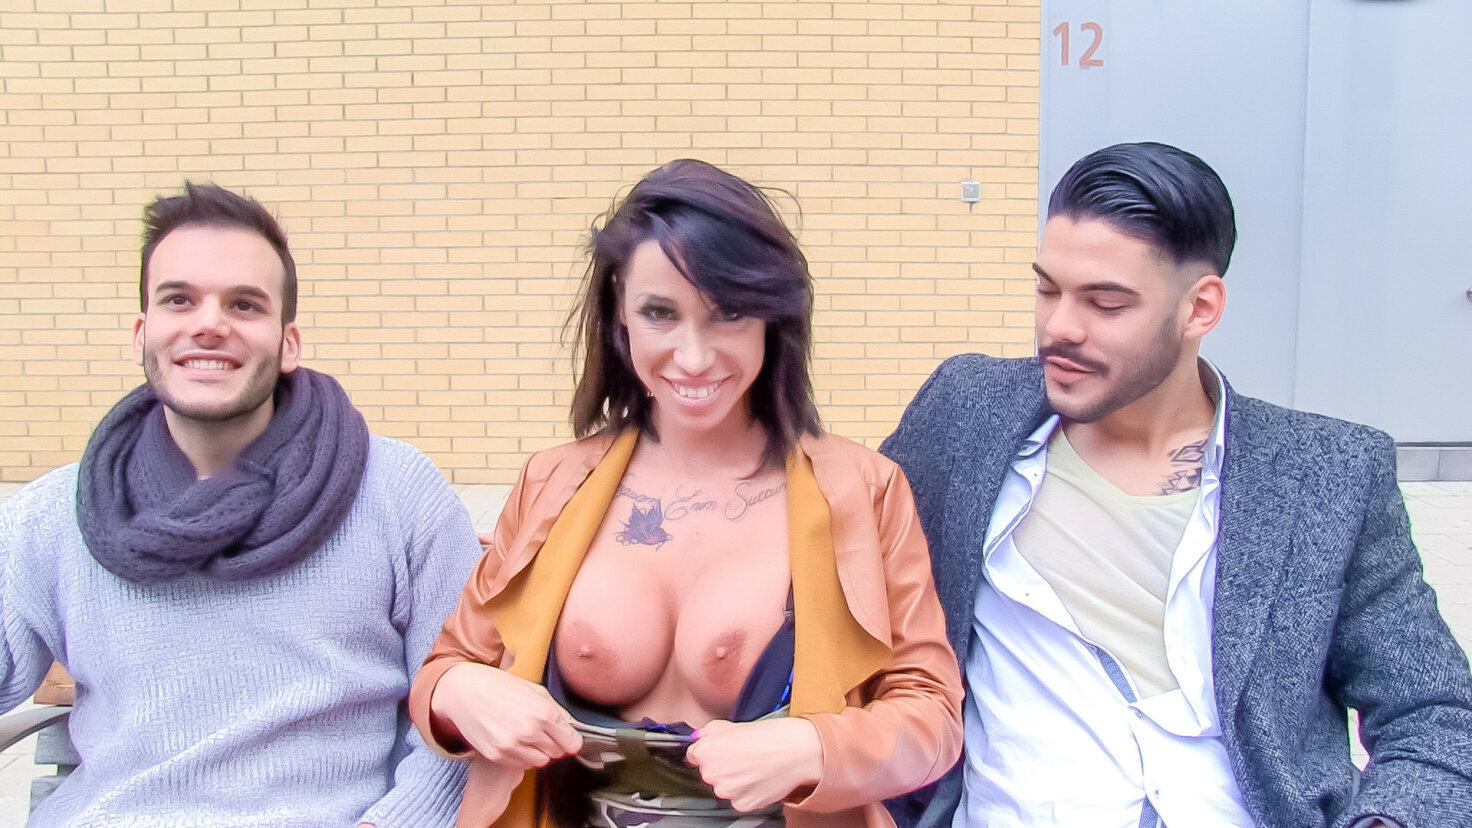 Spanischer MILF Pornostar treibt es zum ersten Mal mit einem Amateur